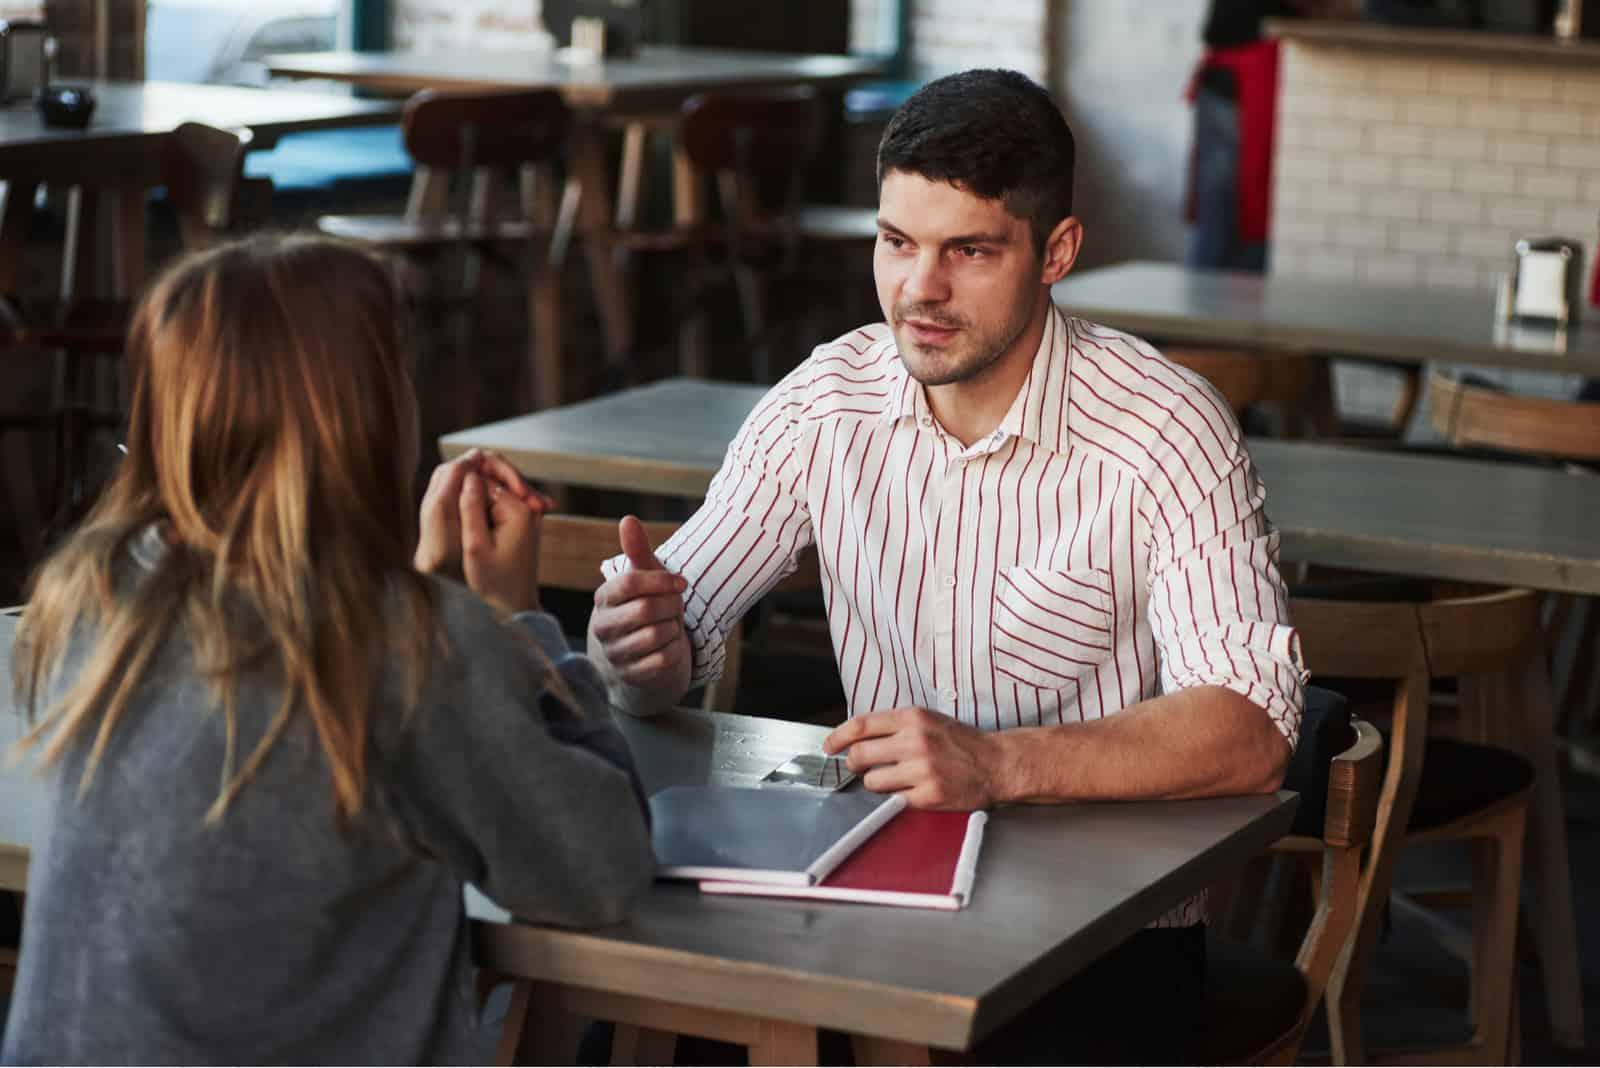 un homme et une femme sont assis face à face et parlent